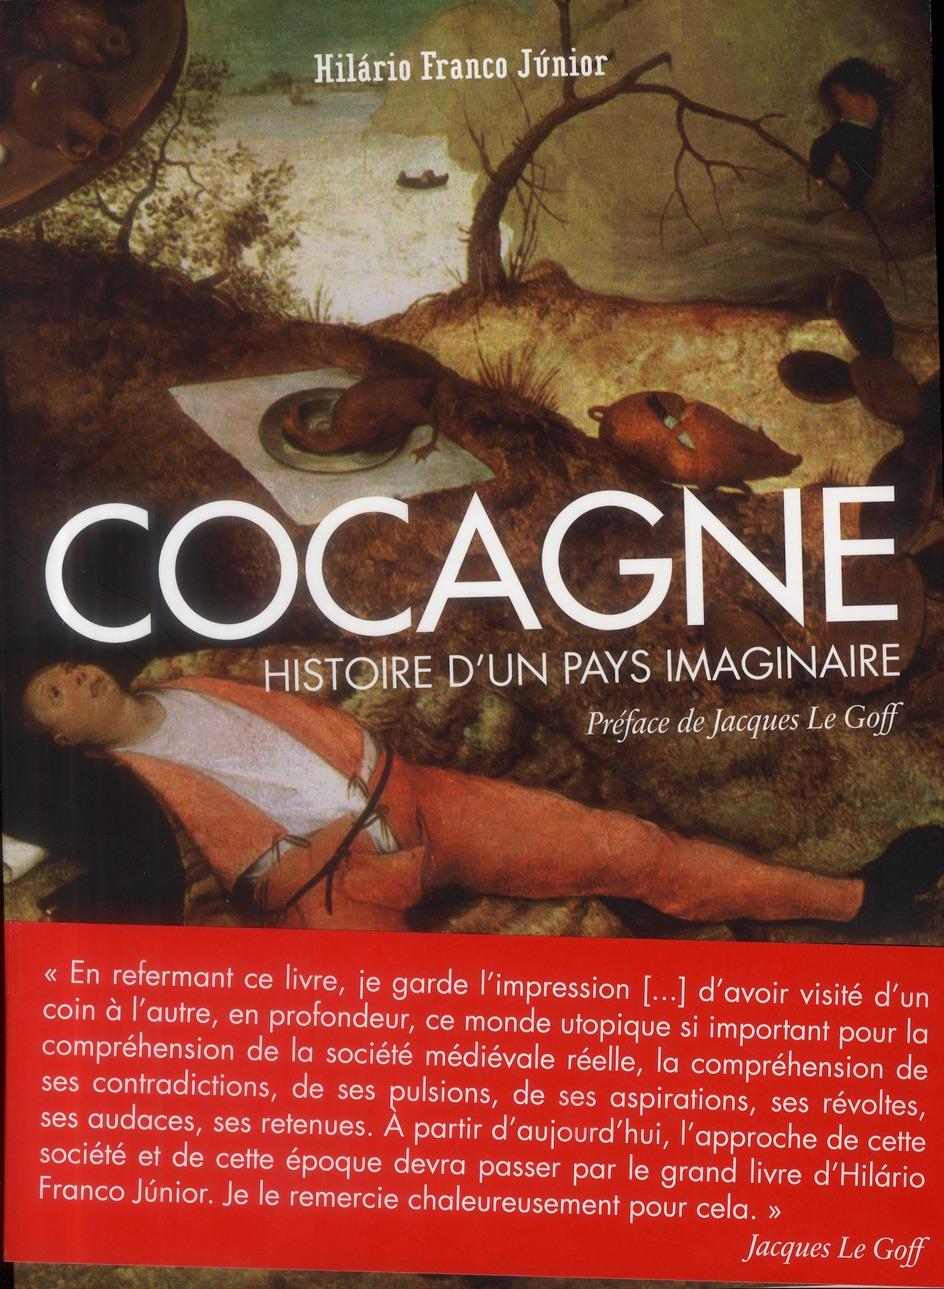 cocagne - histoire d'un pays imaginaire